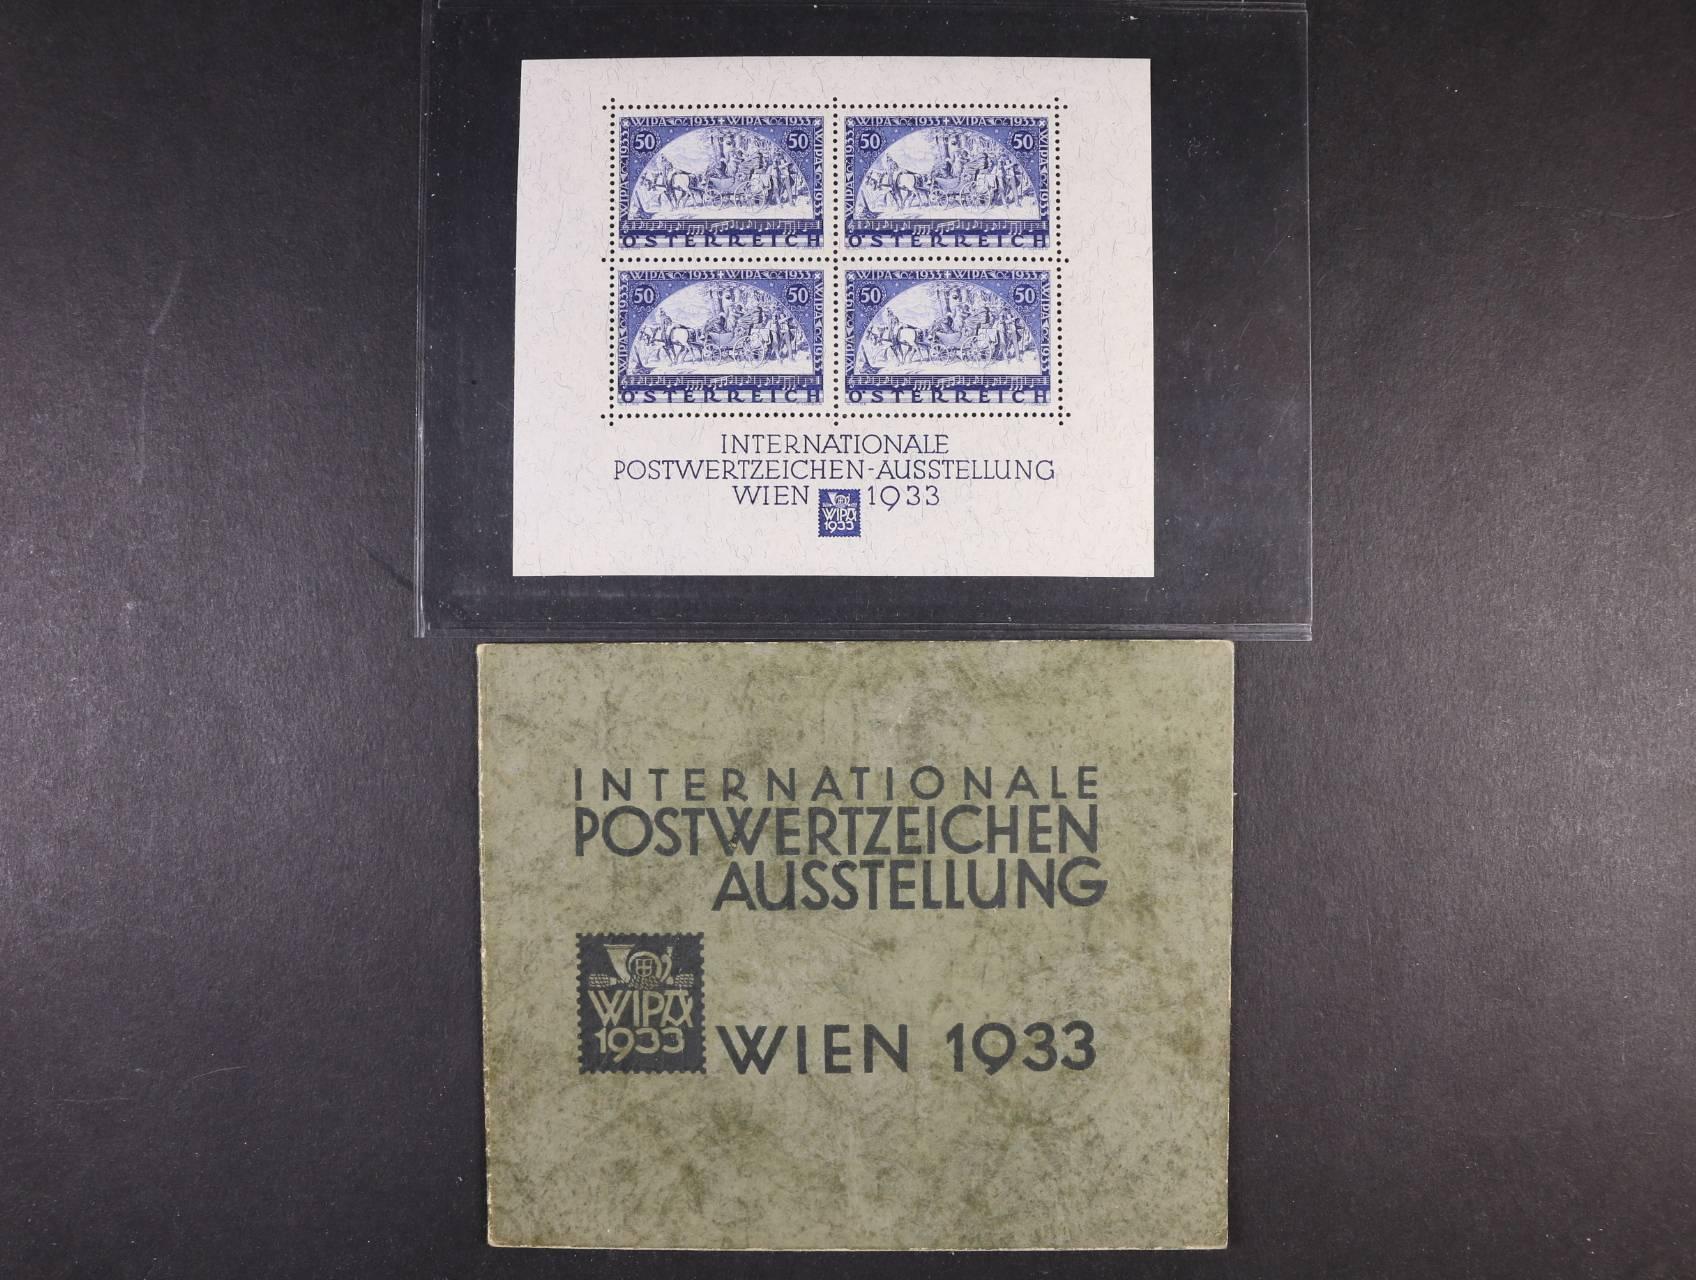 Bl. Mi. 1 - výstavní aršík WIPA 1933 vč. orig. destiček, velmi dobrá kvalita, 4000 EUR